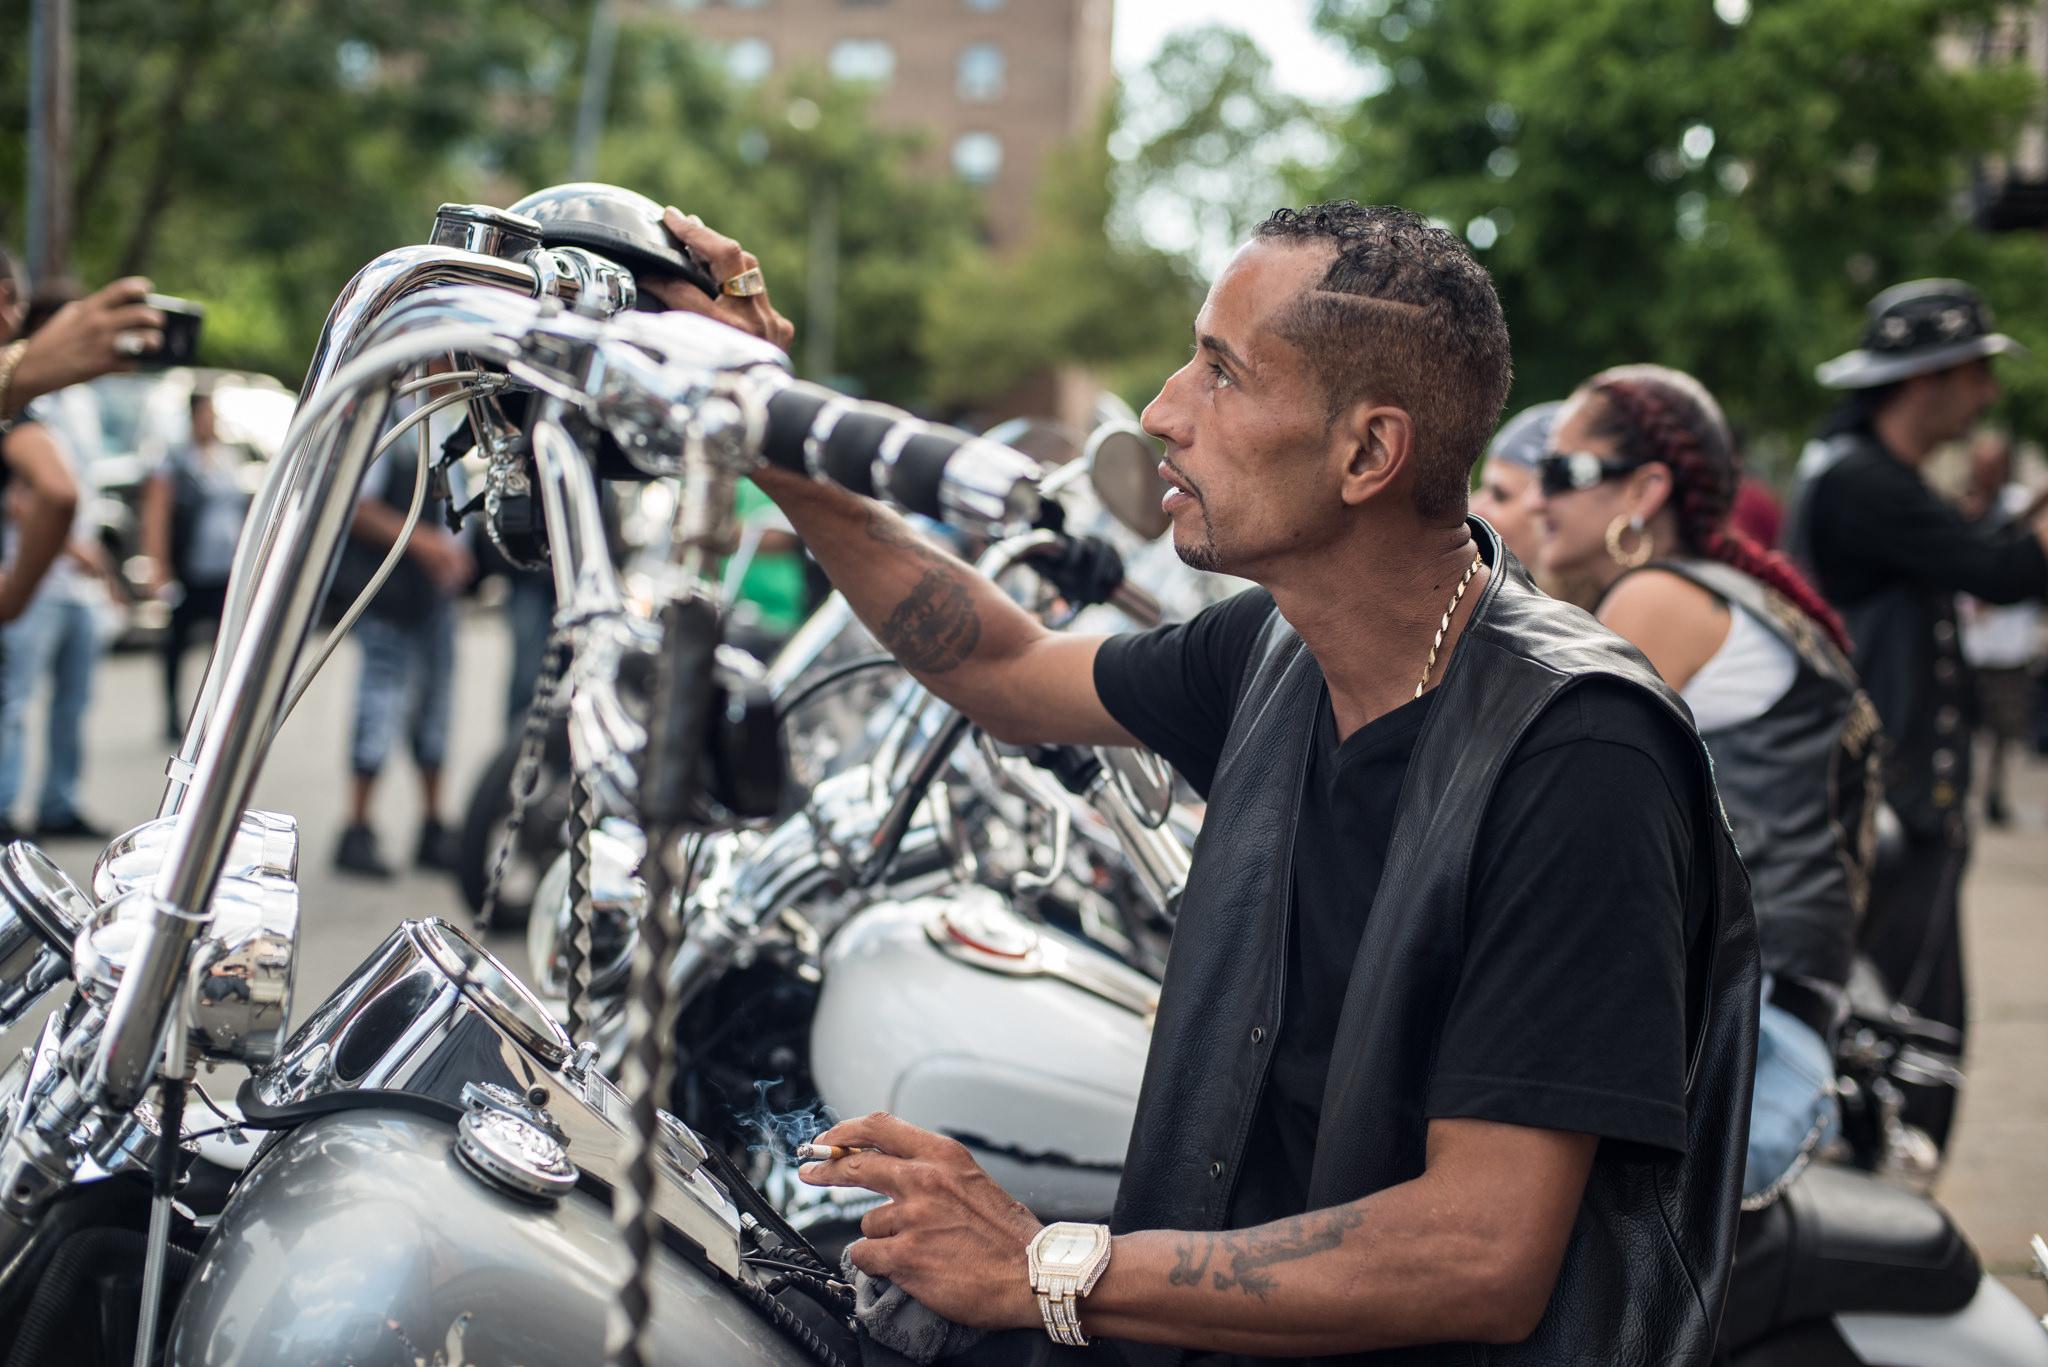 No Fear Motorcycle Club, Bushwick, Brooklyn